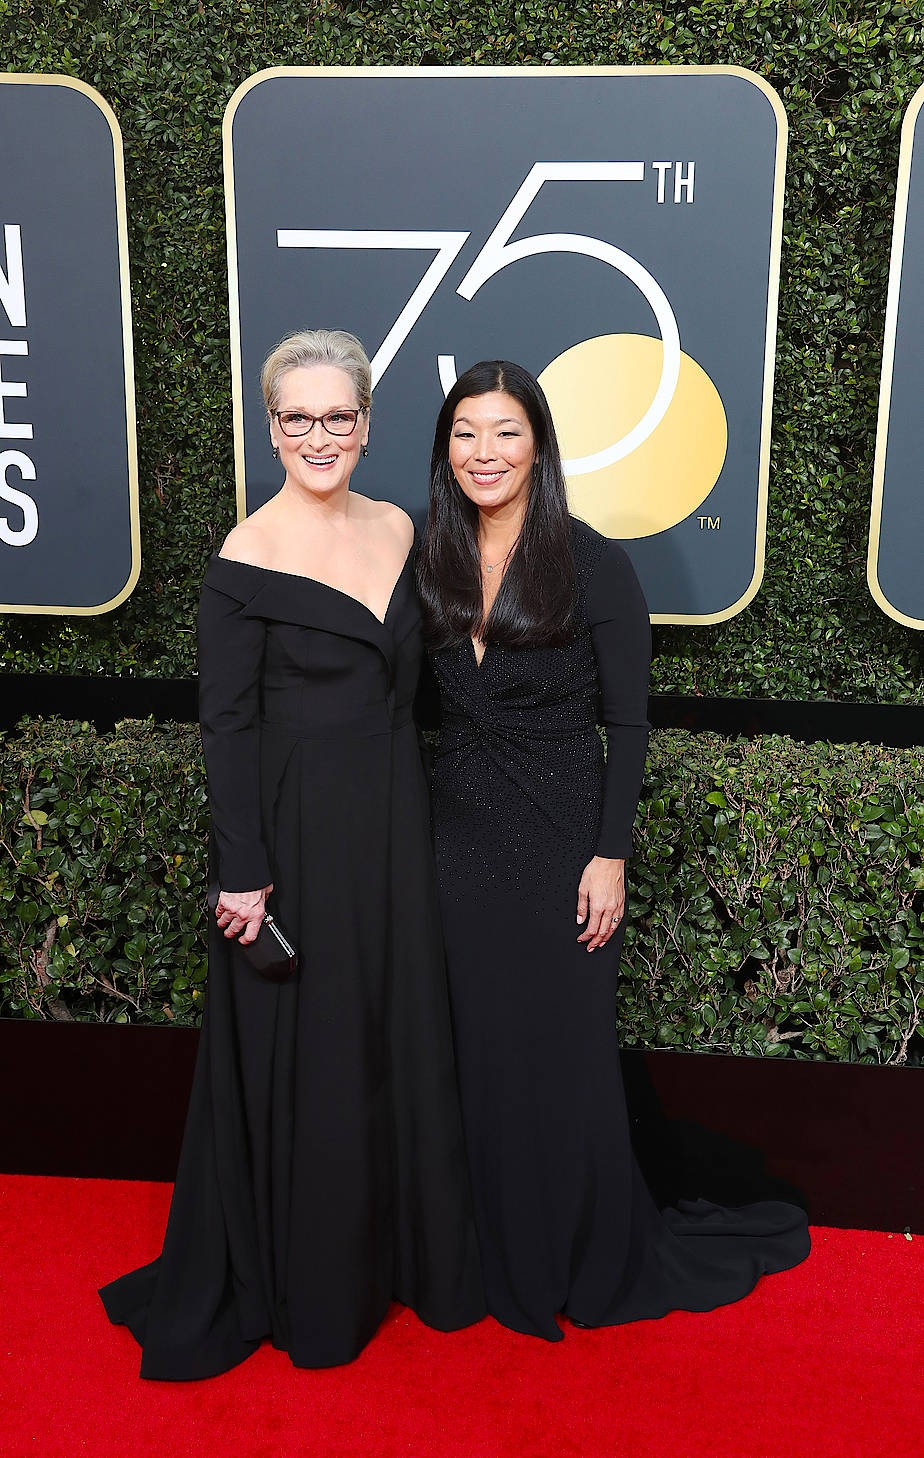 Schauspielerin Meryl Streep erschien in Begleitung von Ai-Jen Poo, der Vorsitzenden der amerikanischen Vereinigung der Hausangestellten.